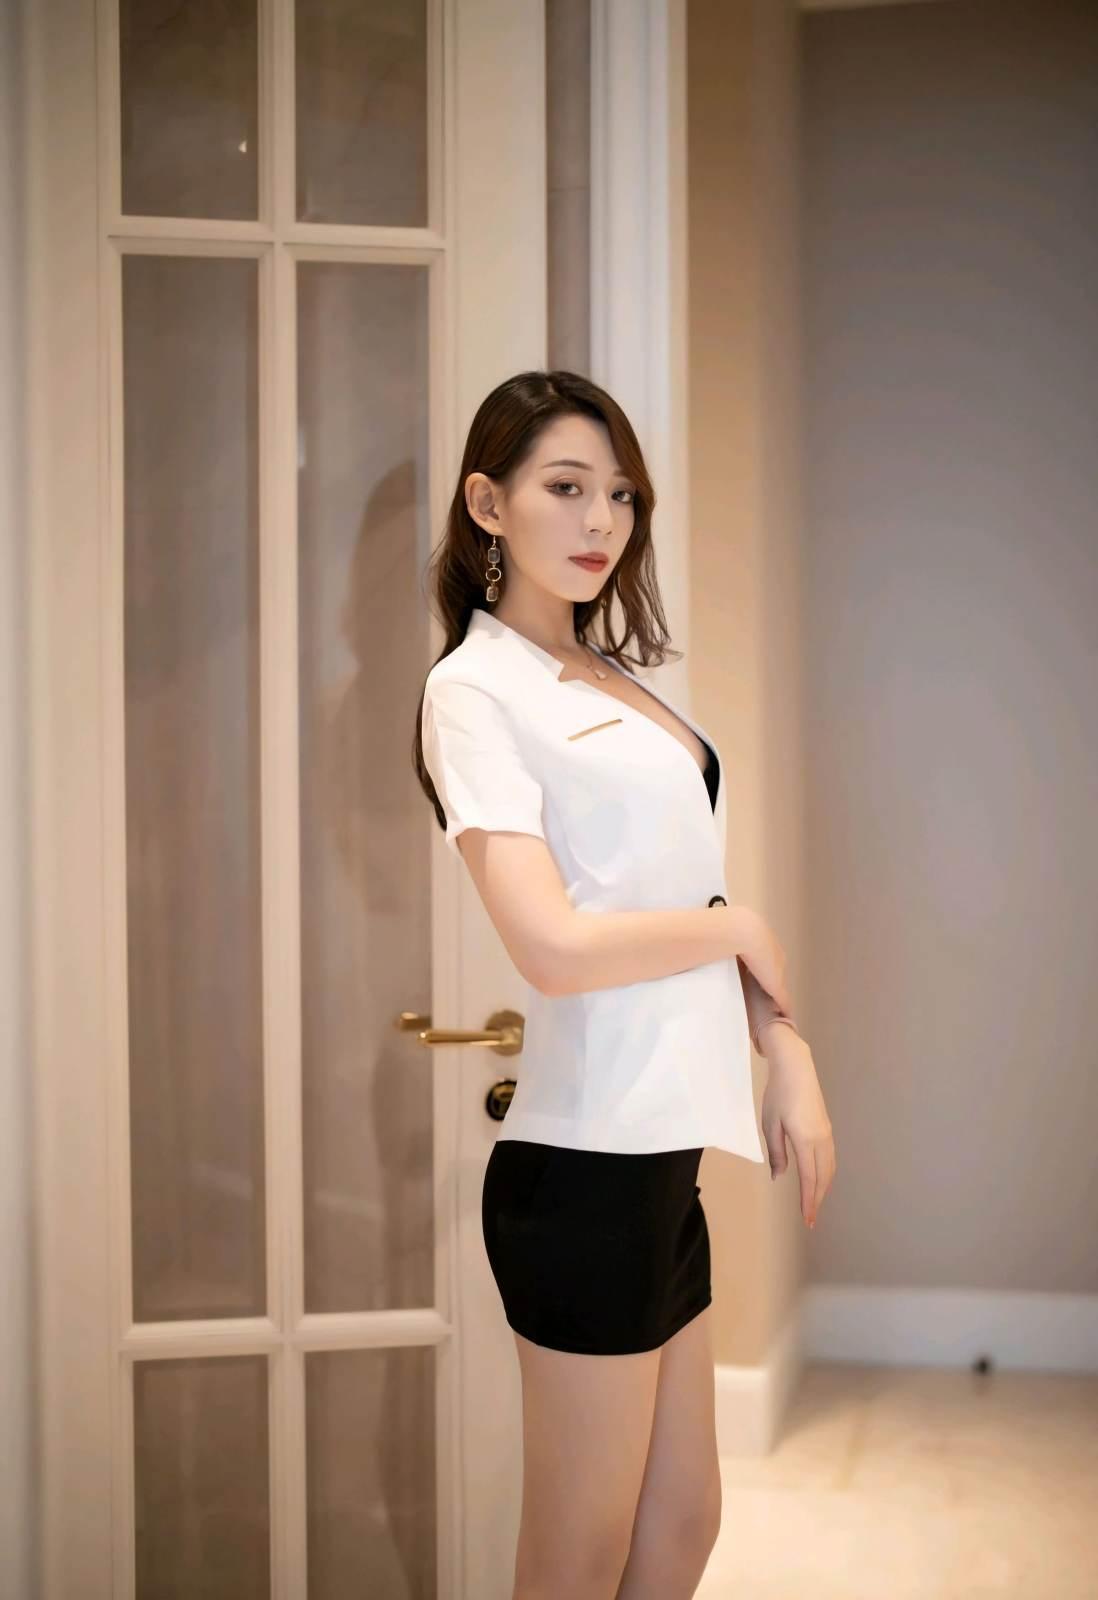 第181期言沫(西装,短裙,丝袜,高跟)_图片2